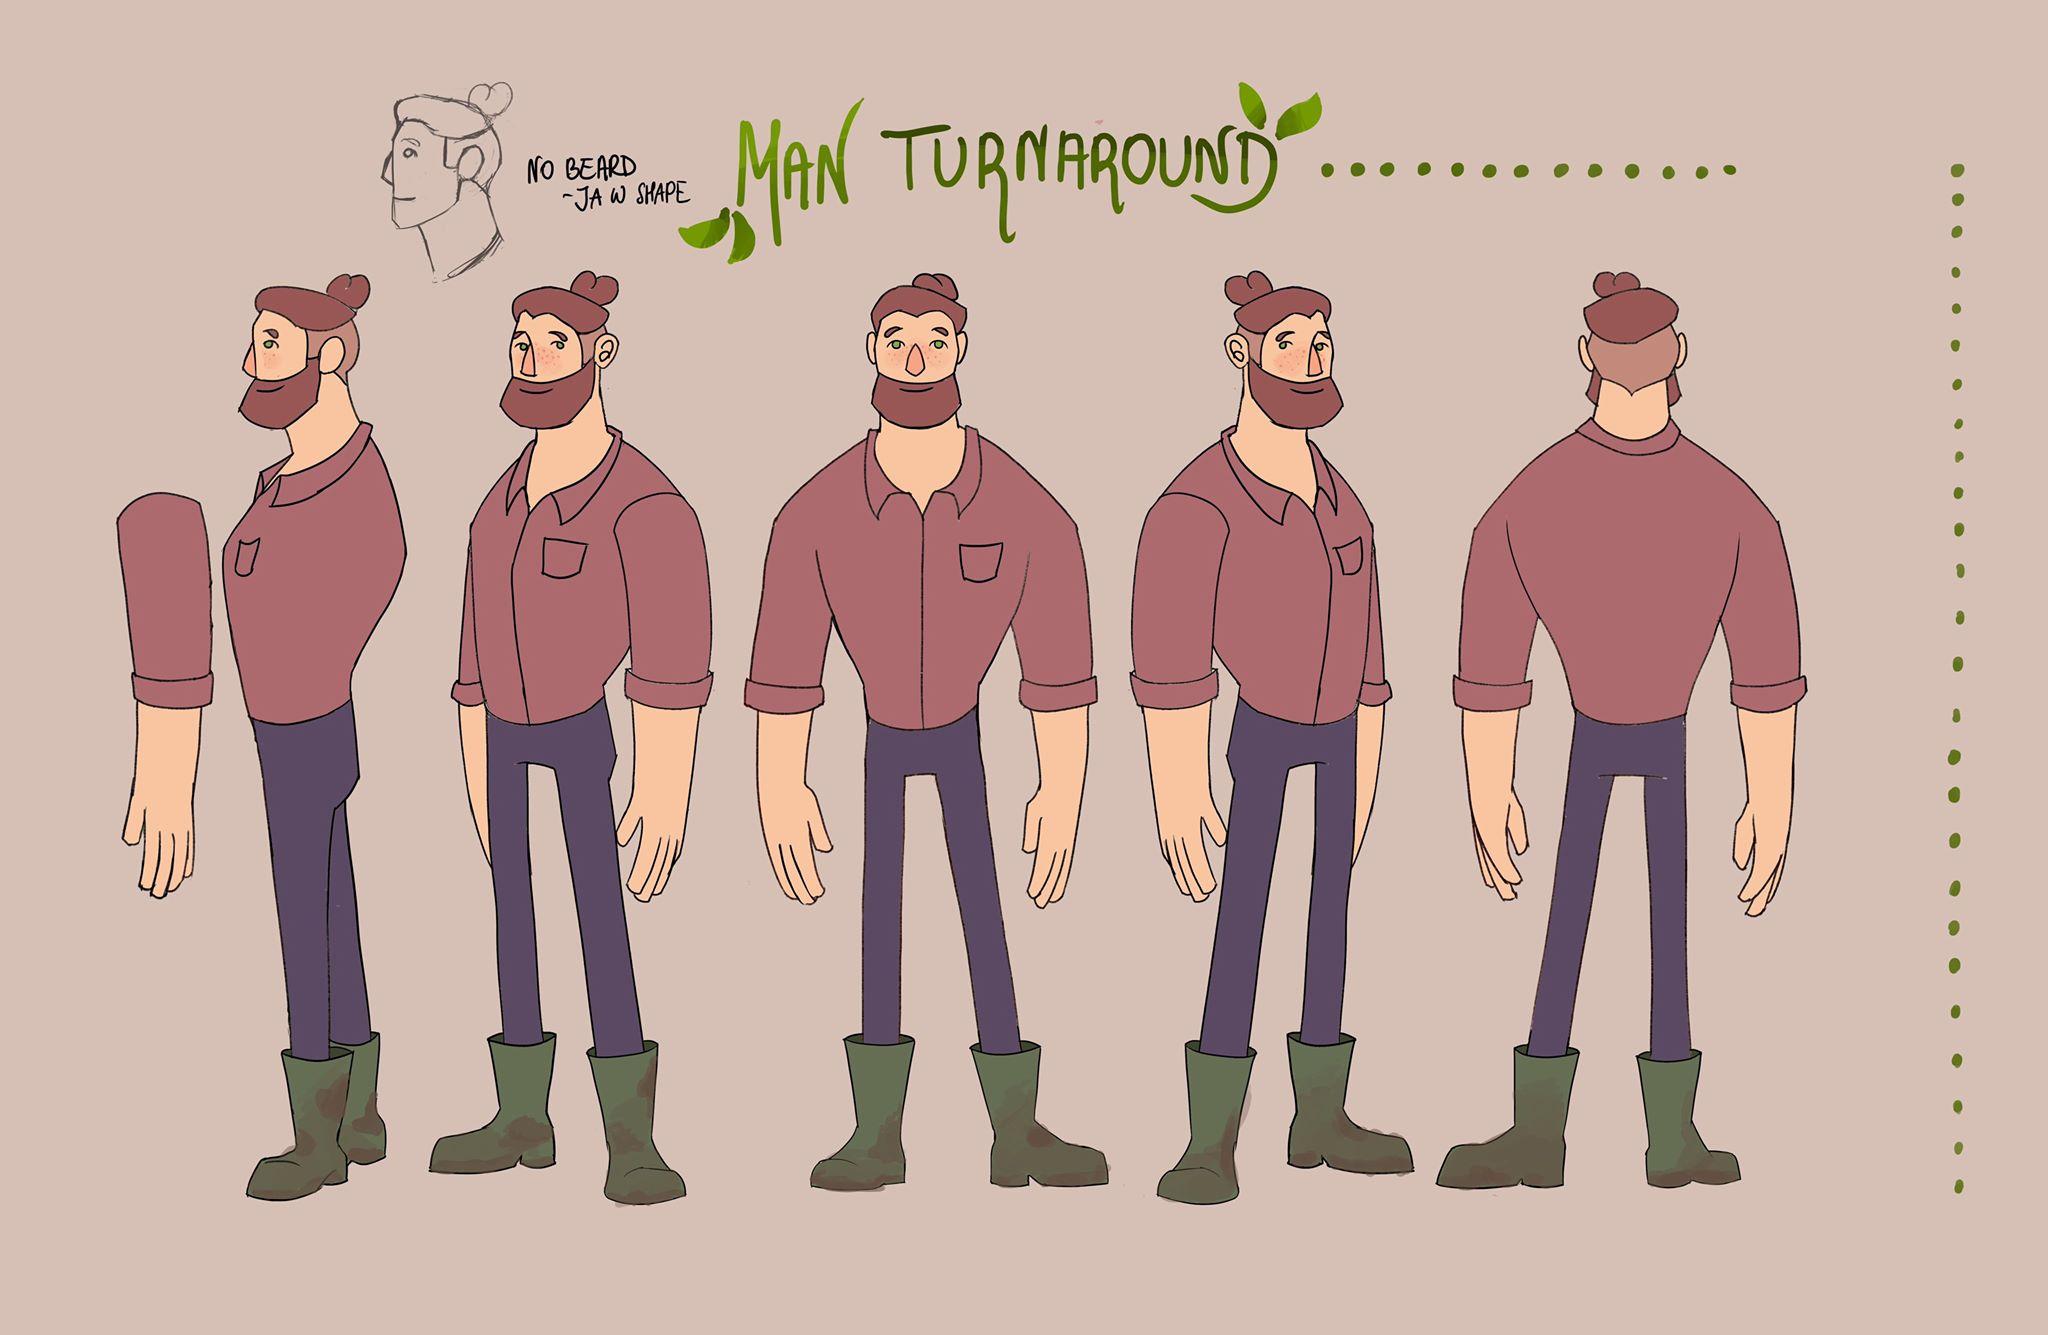 OriginalTurnaroundManTurnaroundnoarm